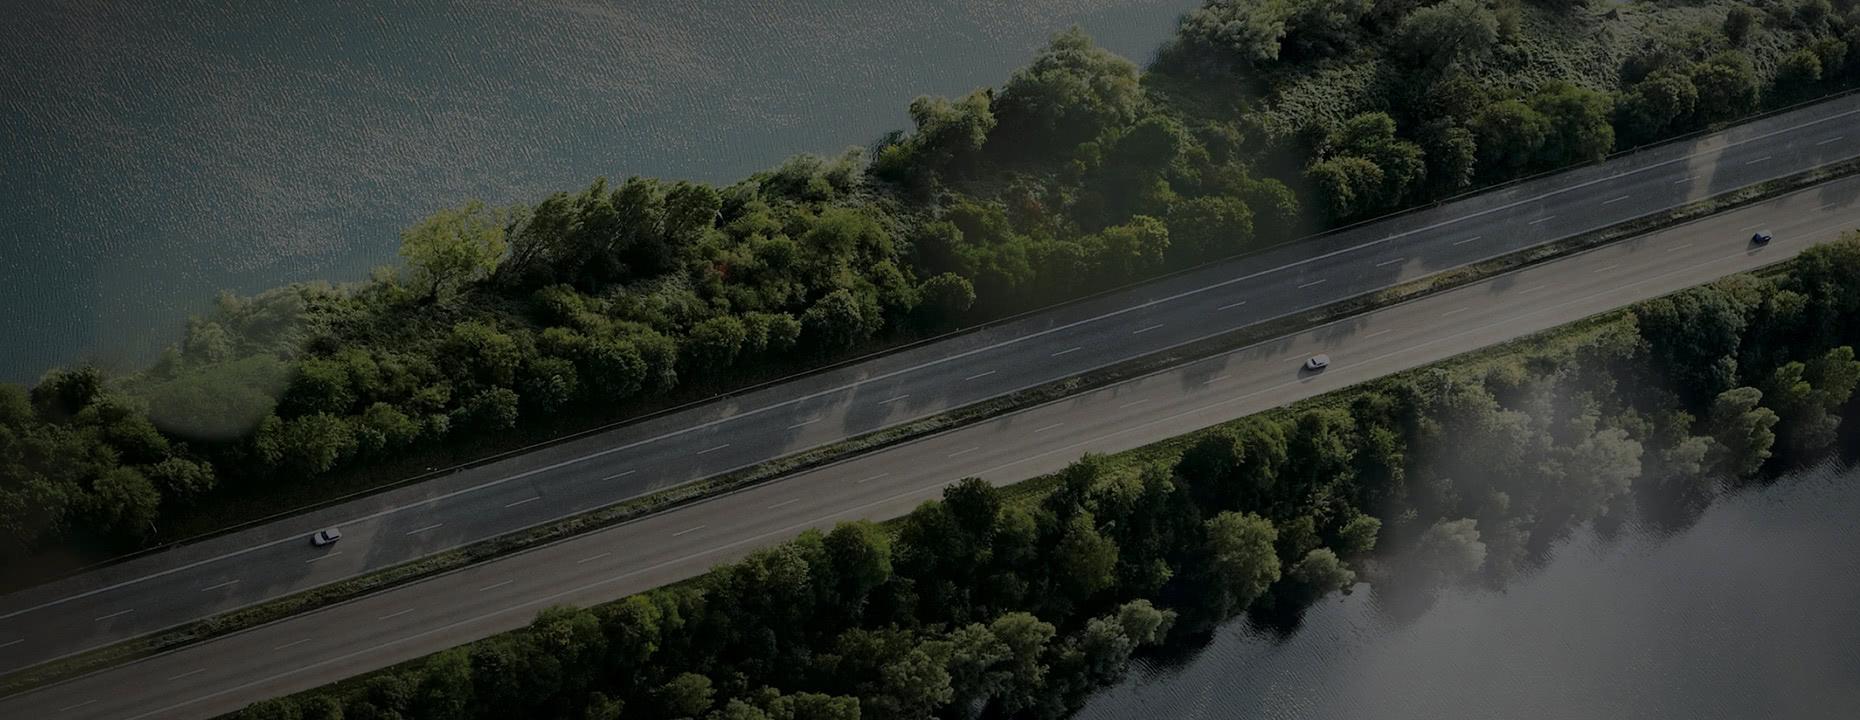 Ювілейна перемога Hyundai Motorsport в ралі Італії | ТОВ «Хюндай Центр Полтава» - фото 10